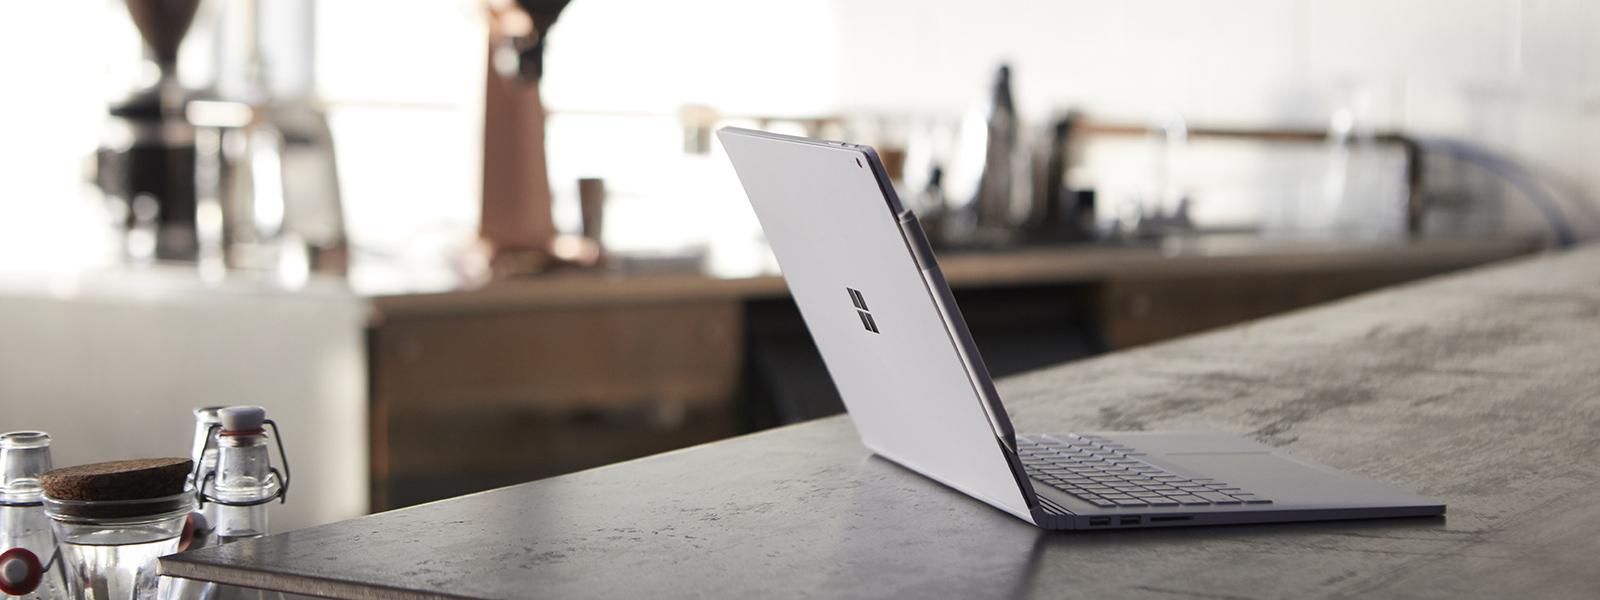 Surface Book 2 med Surface-pennan på ett bord